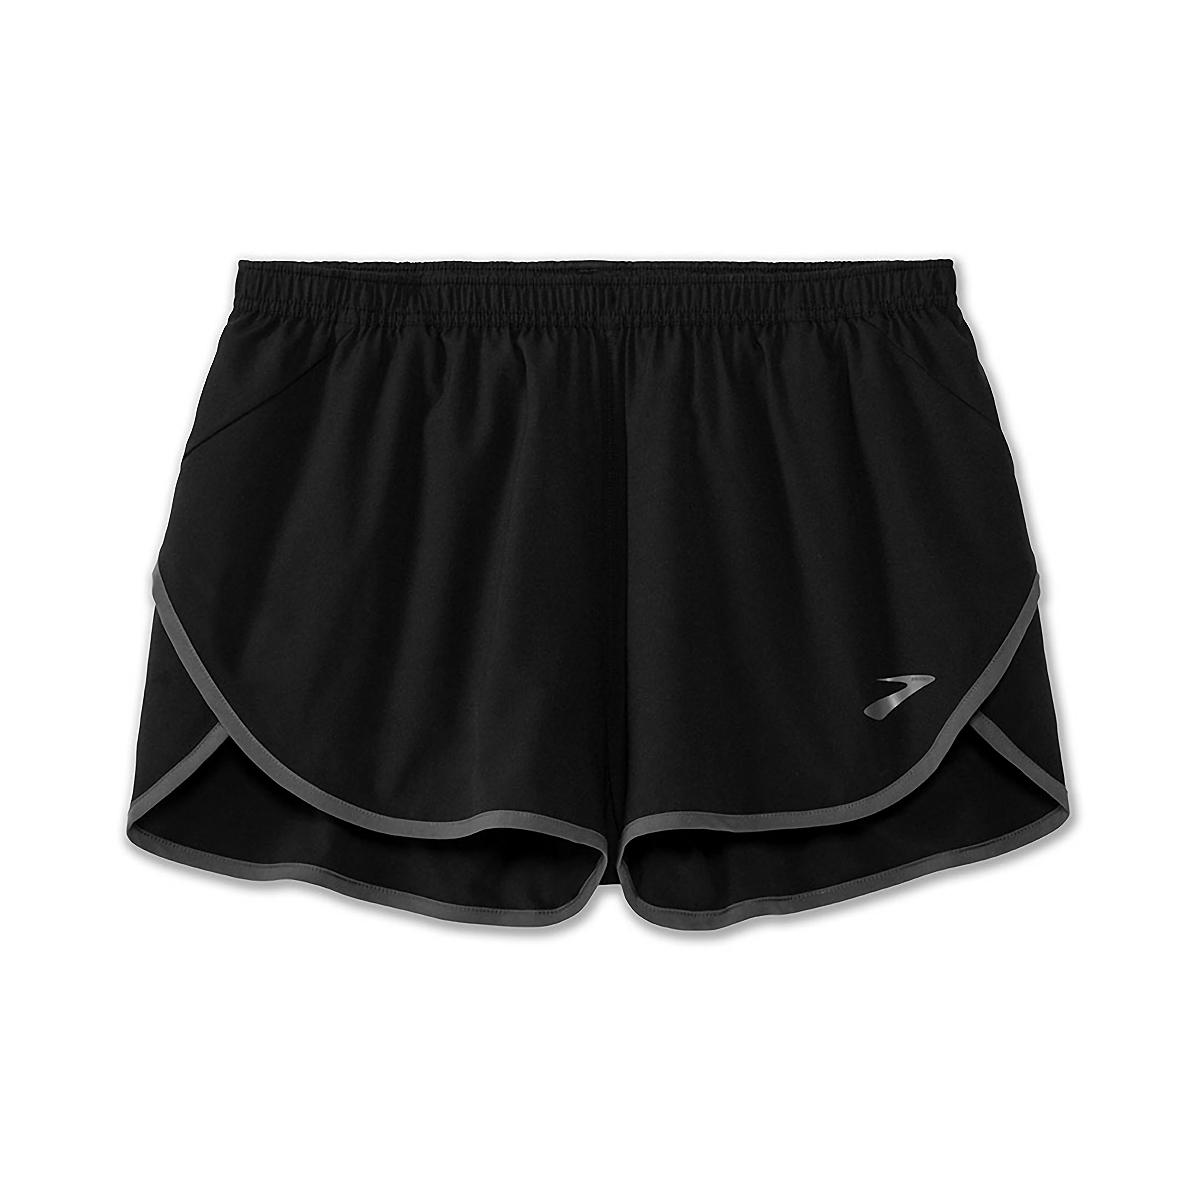 Men's Brooks Hightail 3'' Split Short - Color: Black/Ashpalt - Size: S, Black/Asphalt, large, image 4